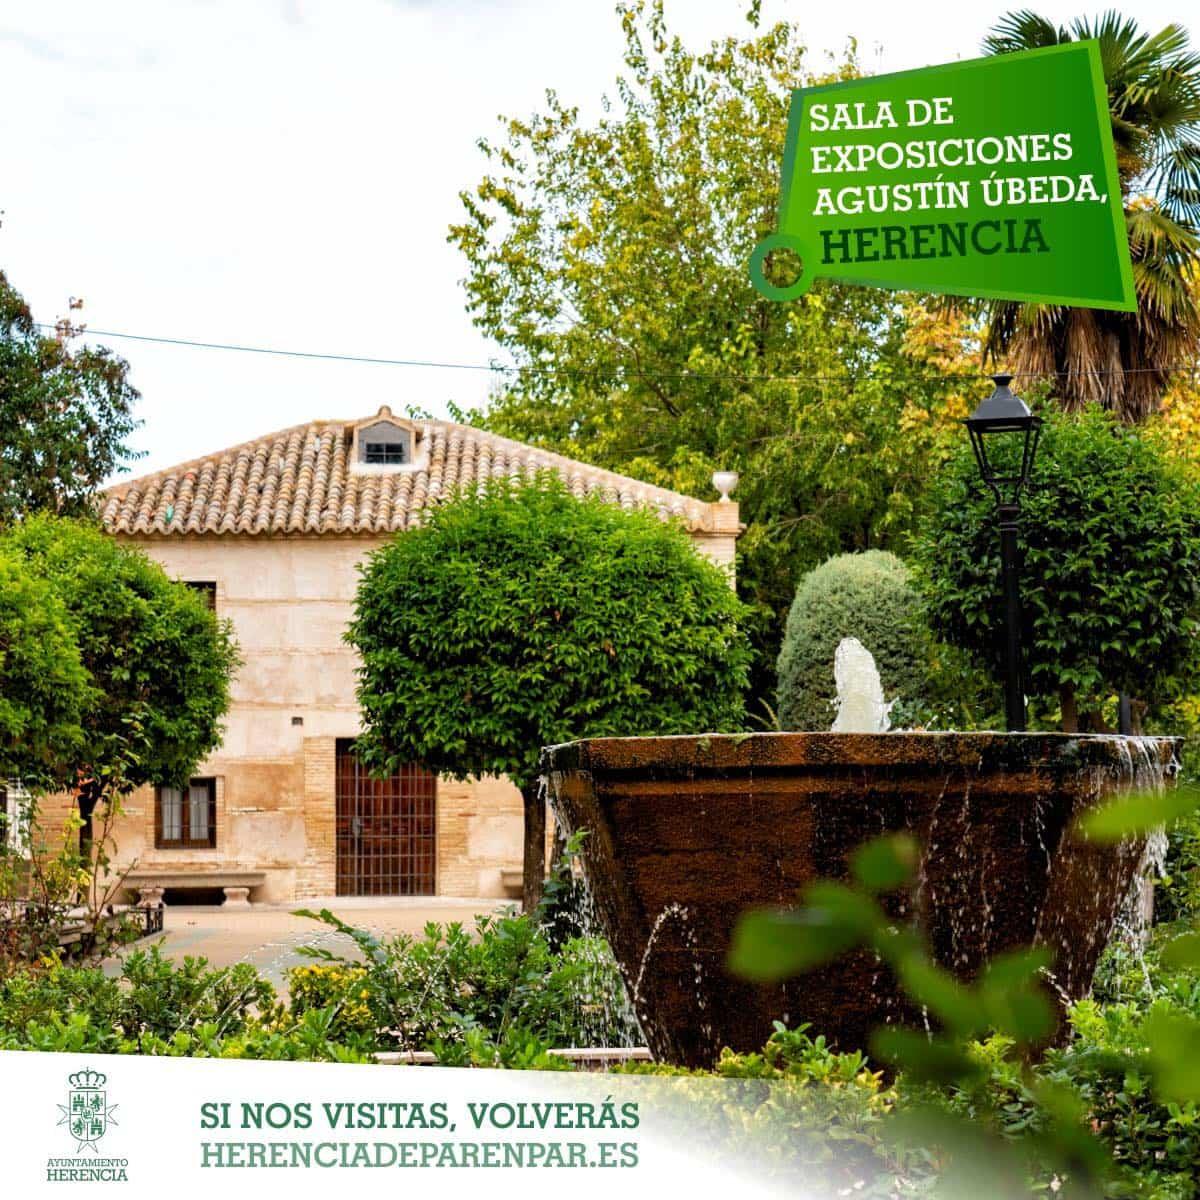 La Sala de Exposiciones Agustín Úbeda, antigua Casa del Jardinero 3